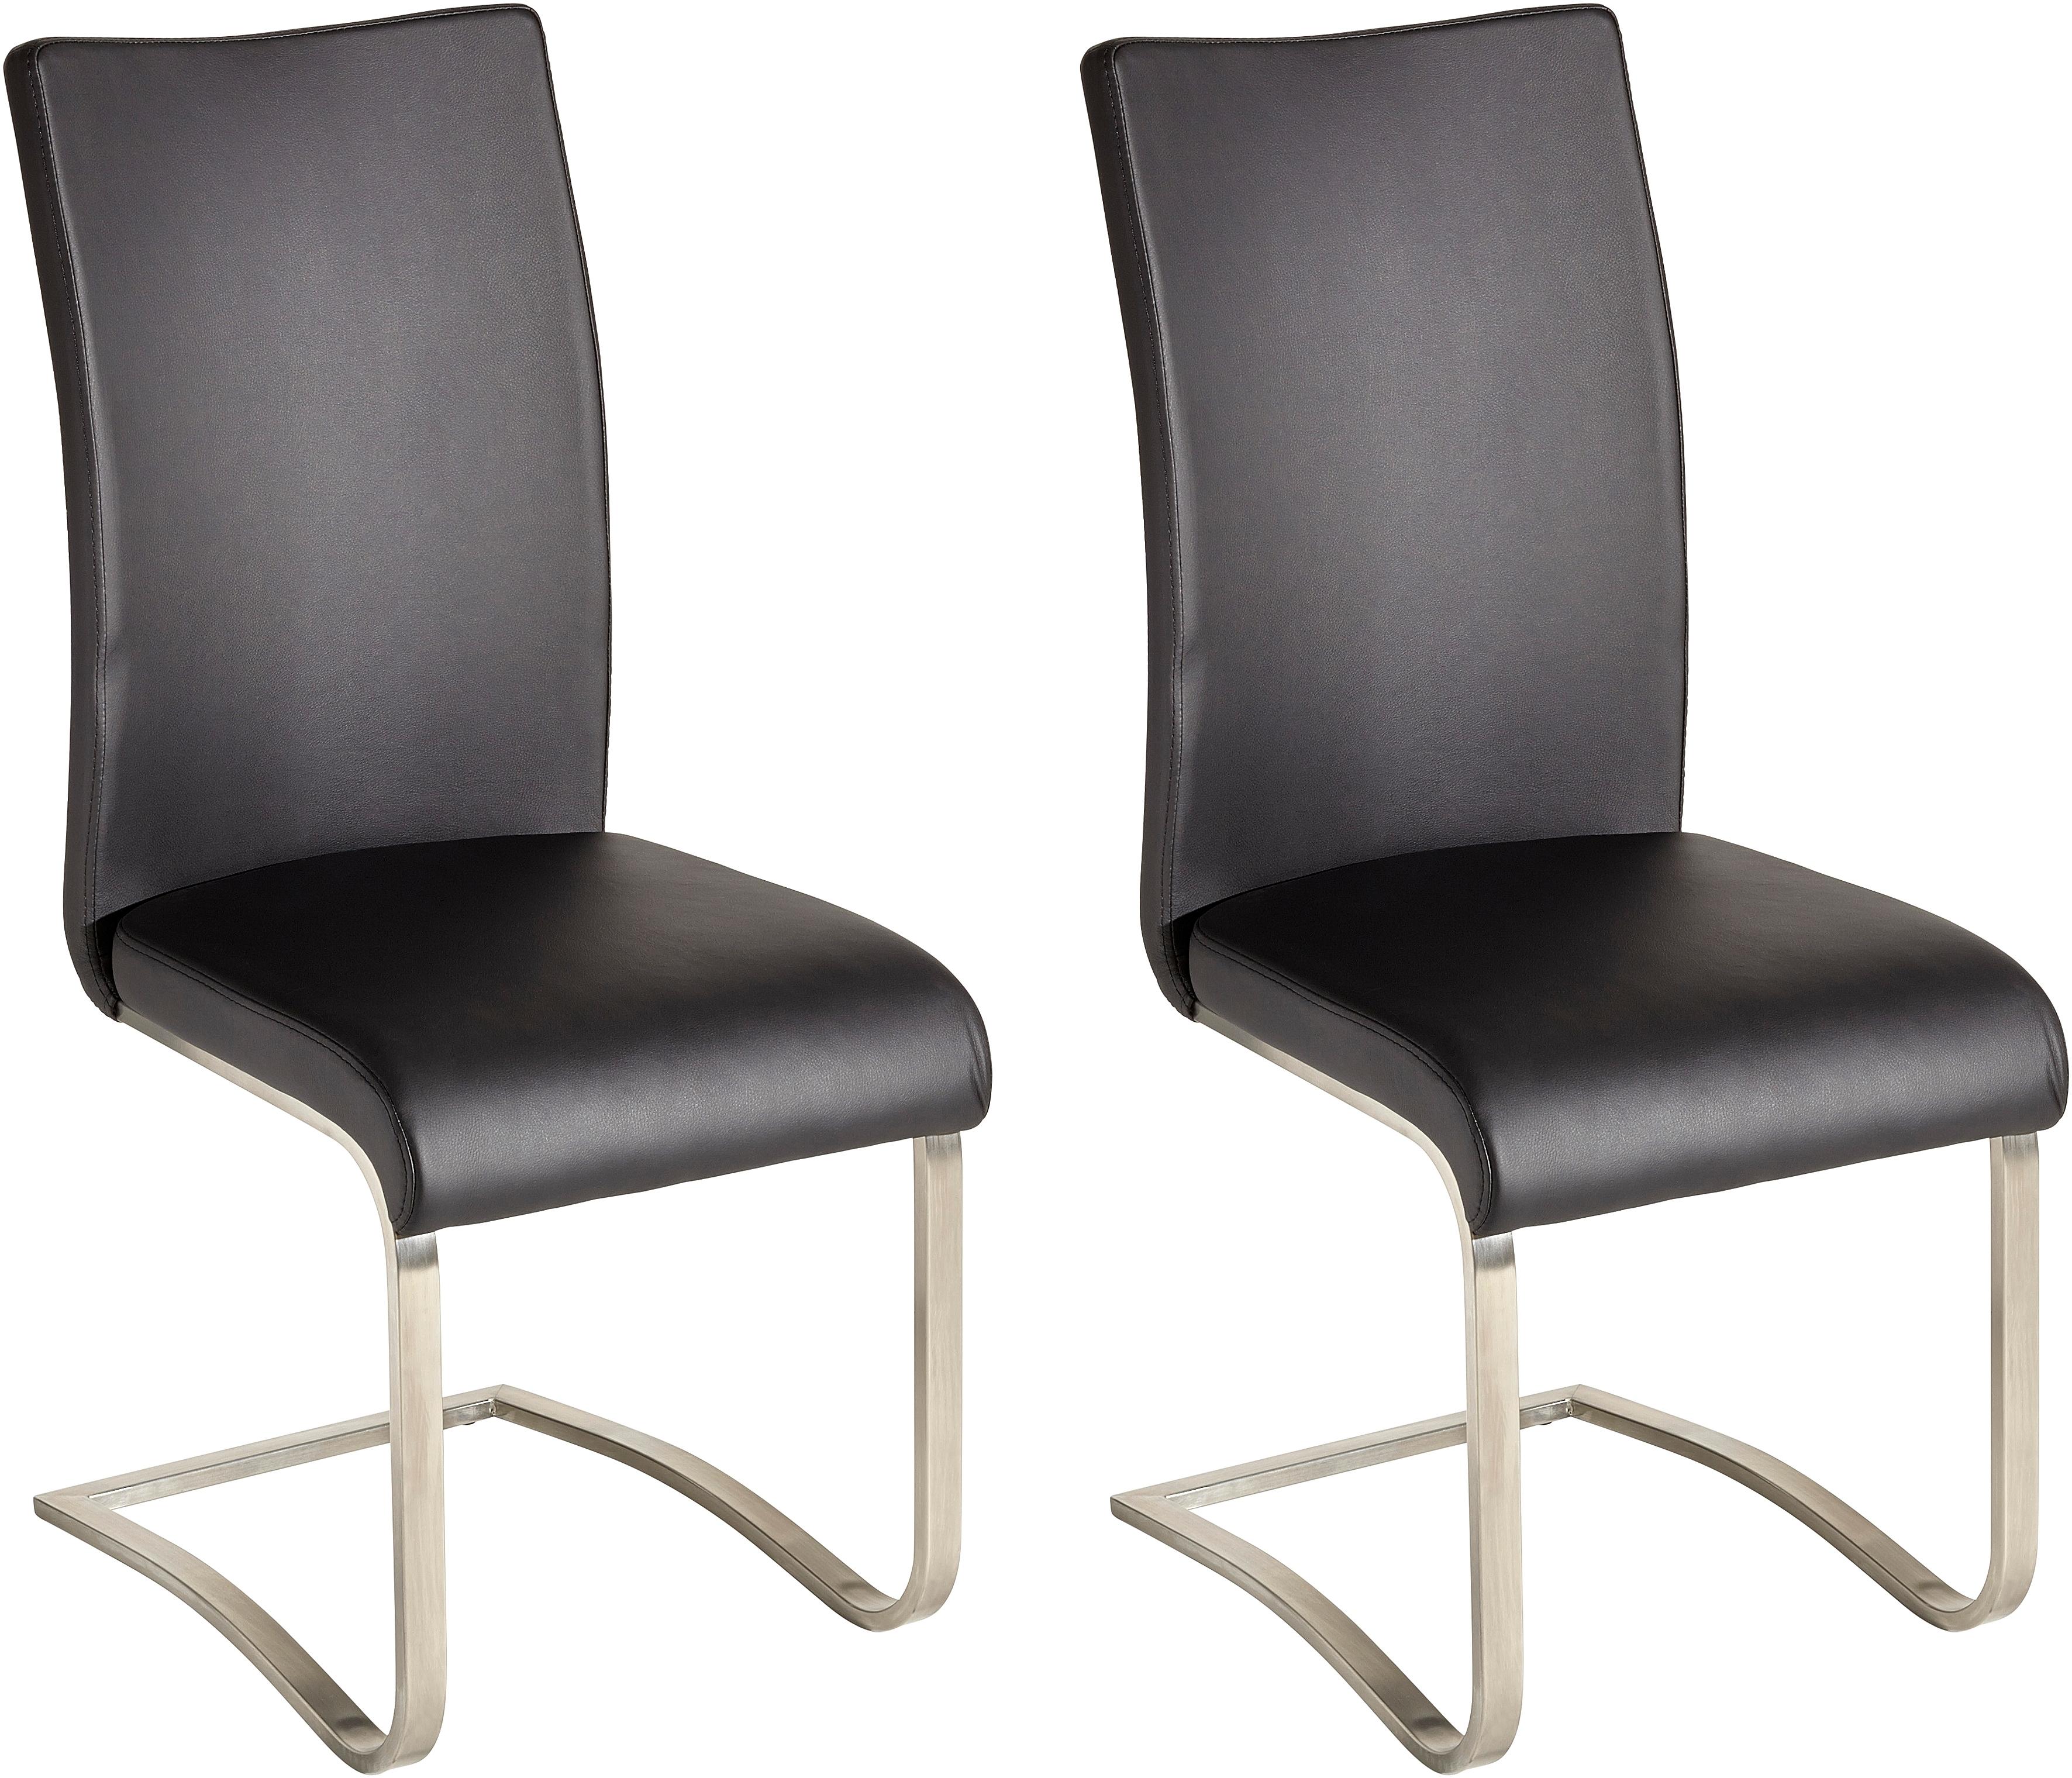 MCA furniture vrijdragende stoel Arco set van 2, stoel overtrokken met echt leer, belastbaar tot 130 kg (set, 2 stuks) bestellen: 30 dagen bedenktijd